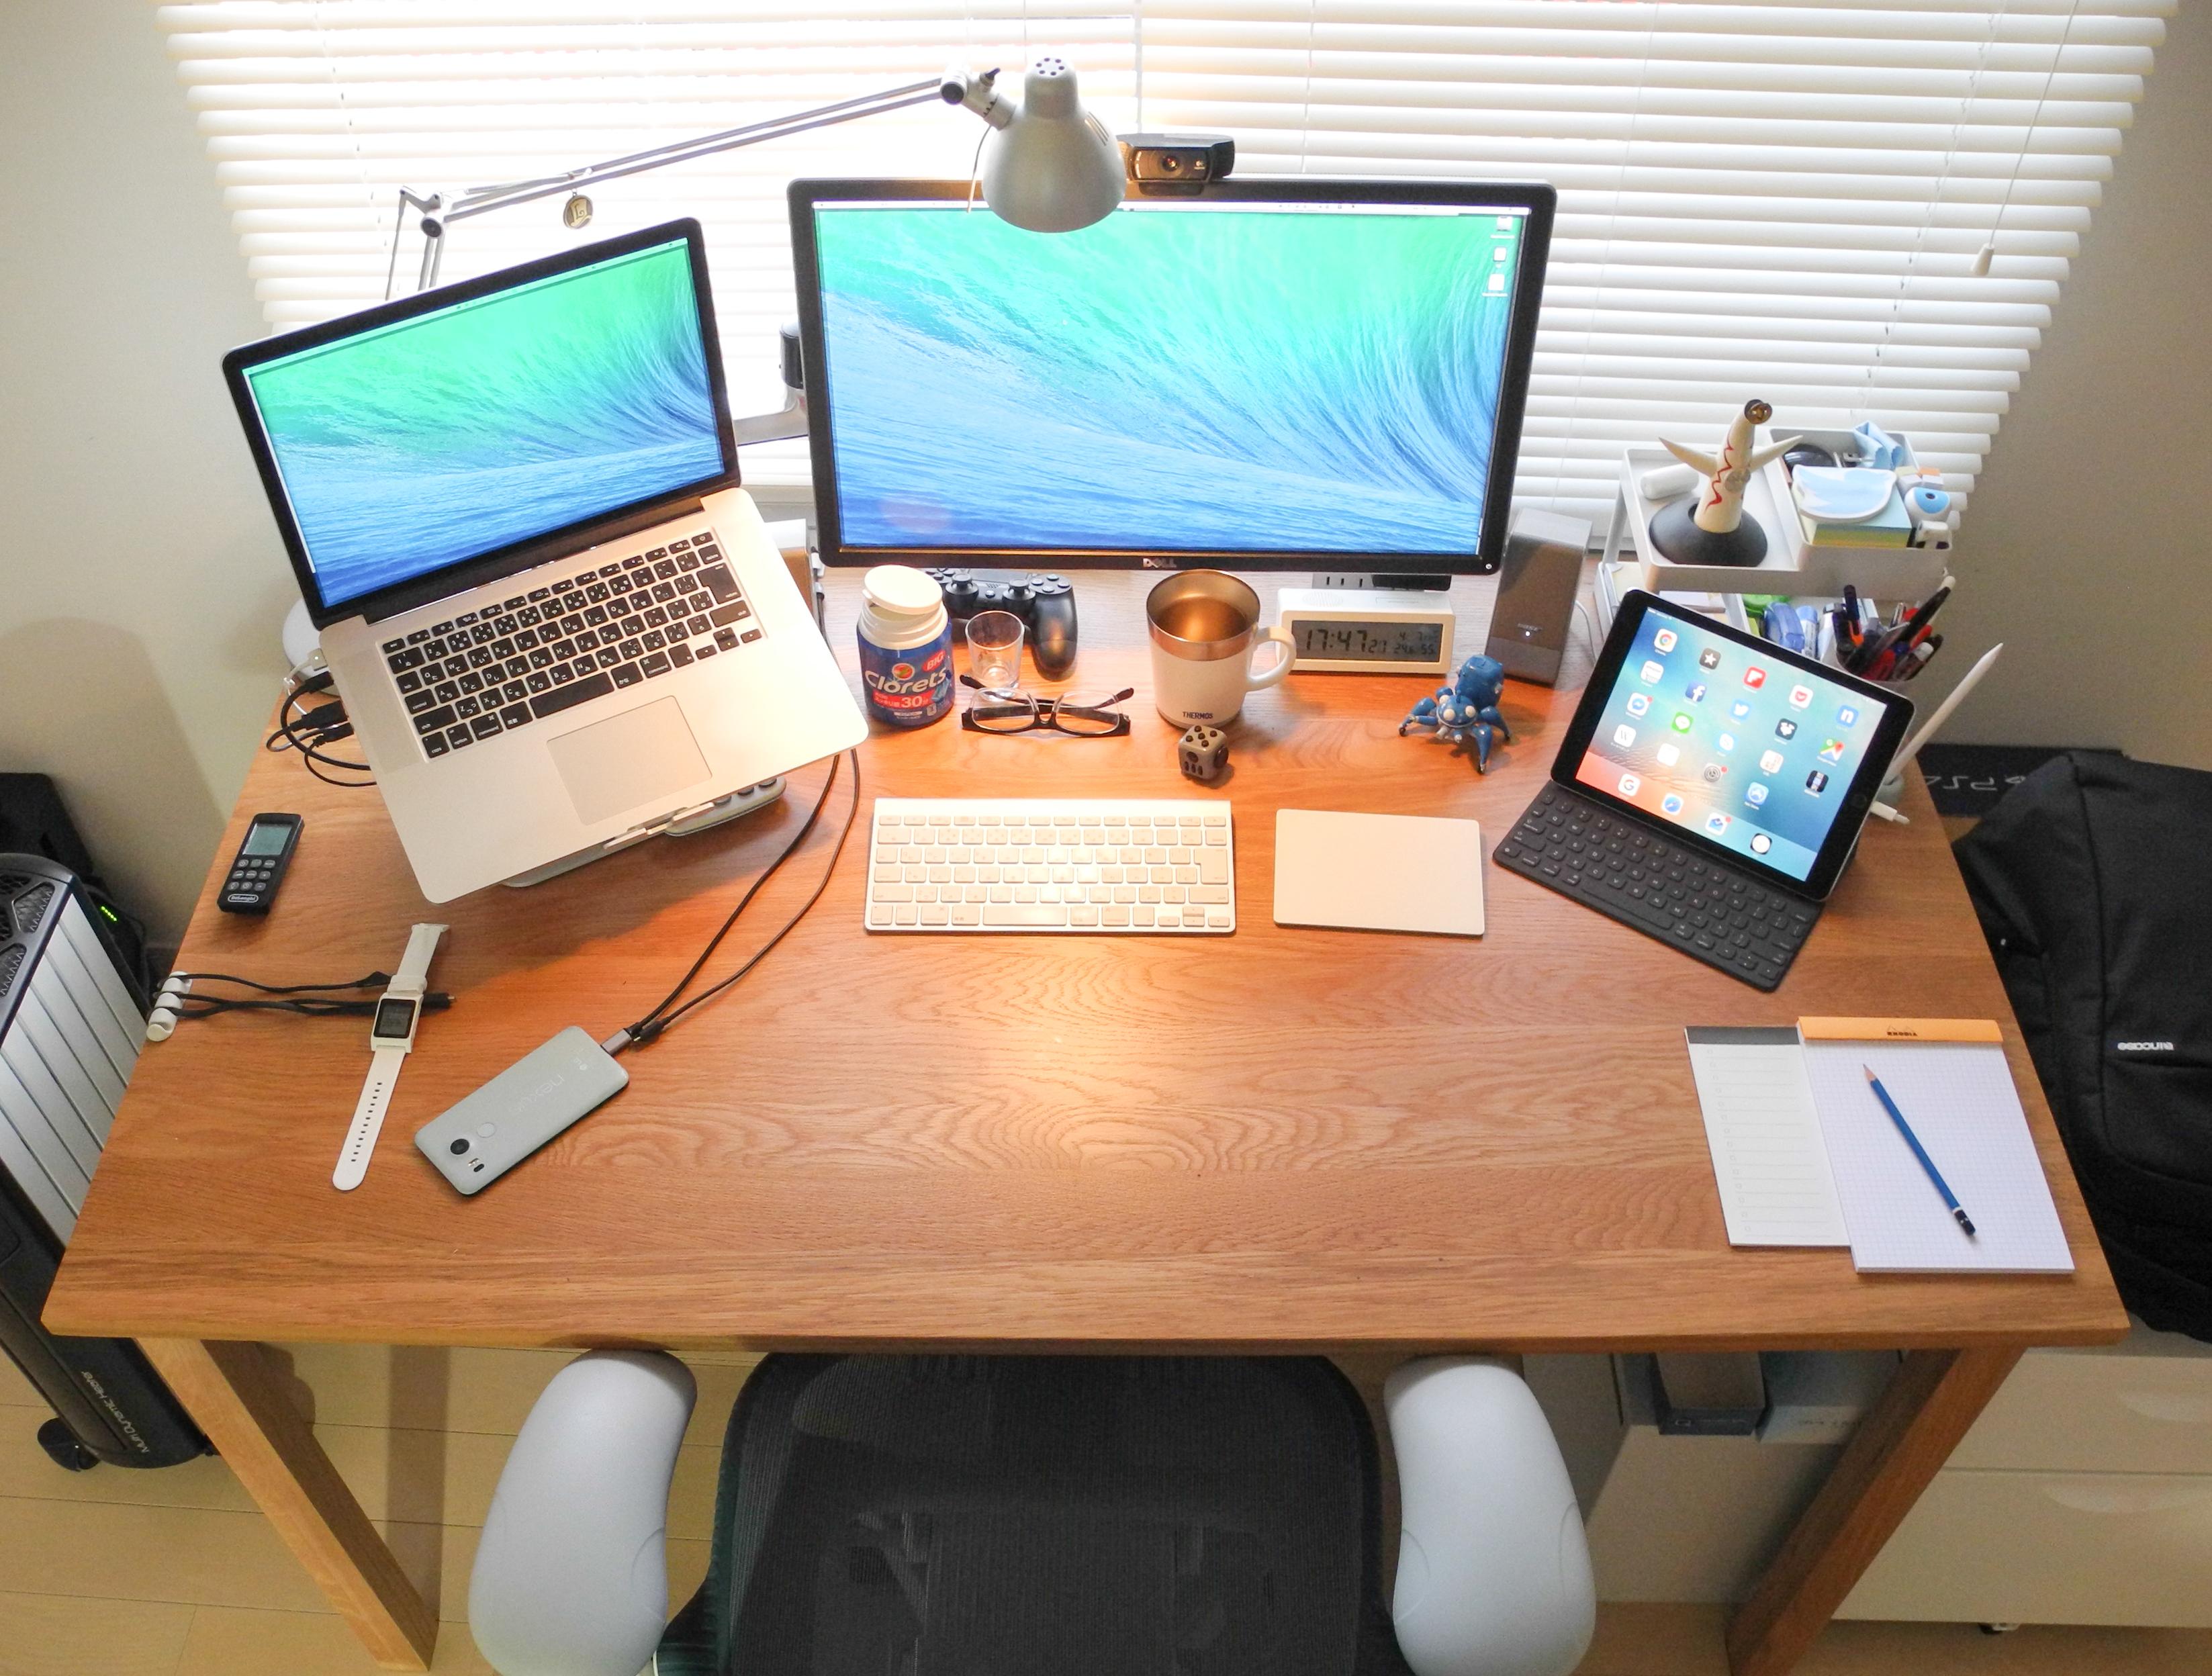 机の右下にはローディアのNo.16と無印良品のリストメモパッド、ステッドラーのBを置いています。 さらにiPad ProとApple  Pencilも近くに置いてあり、 ...